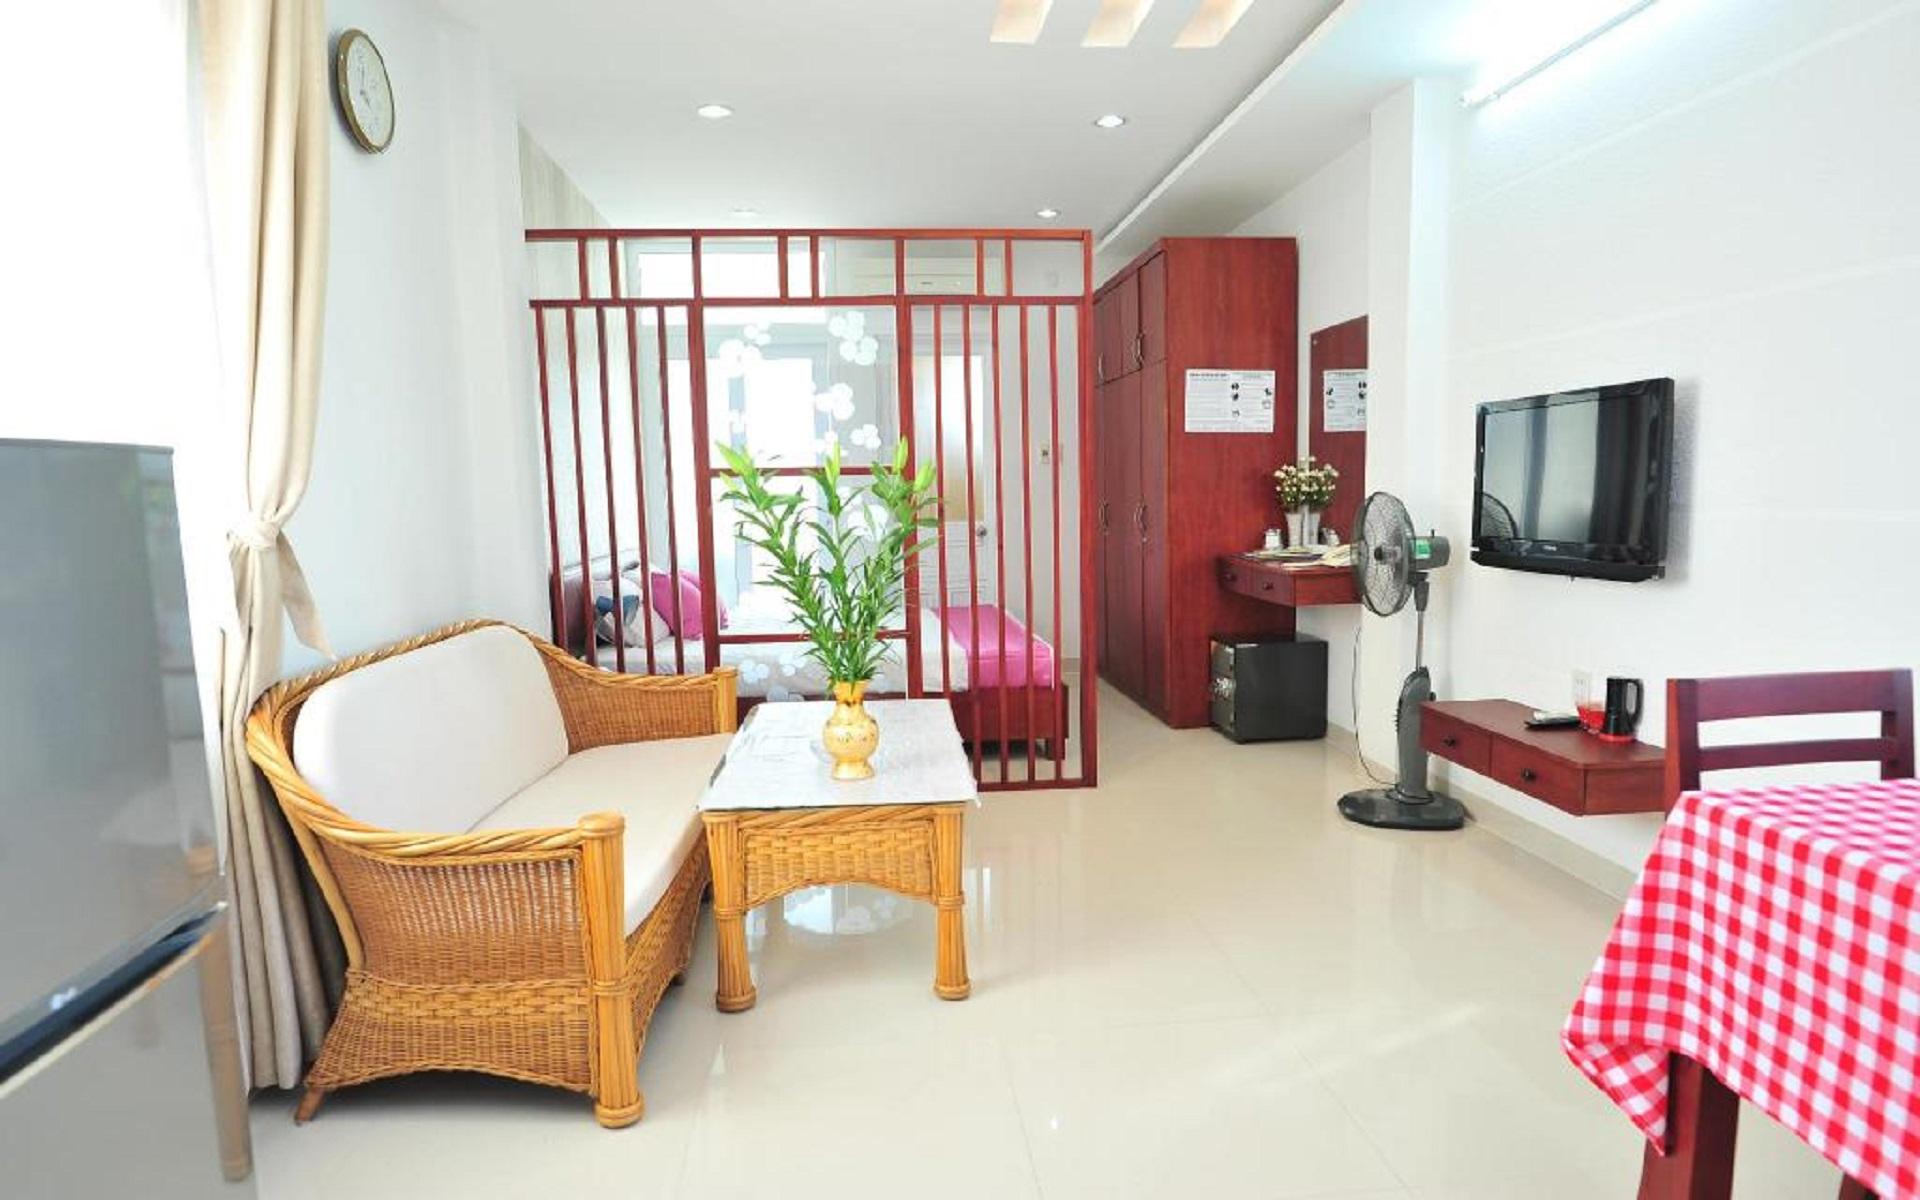 Apartment for rent in Australia